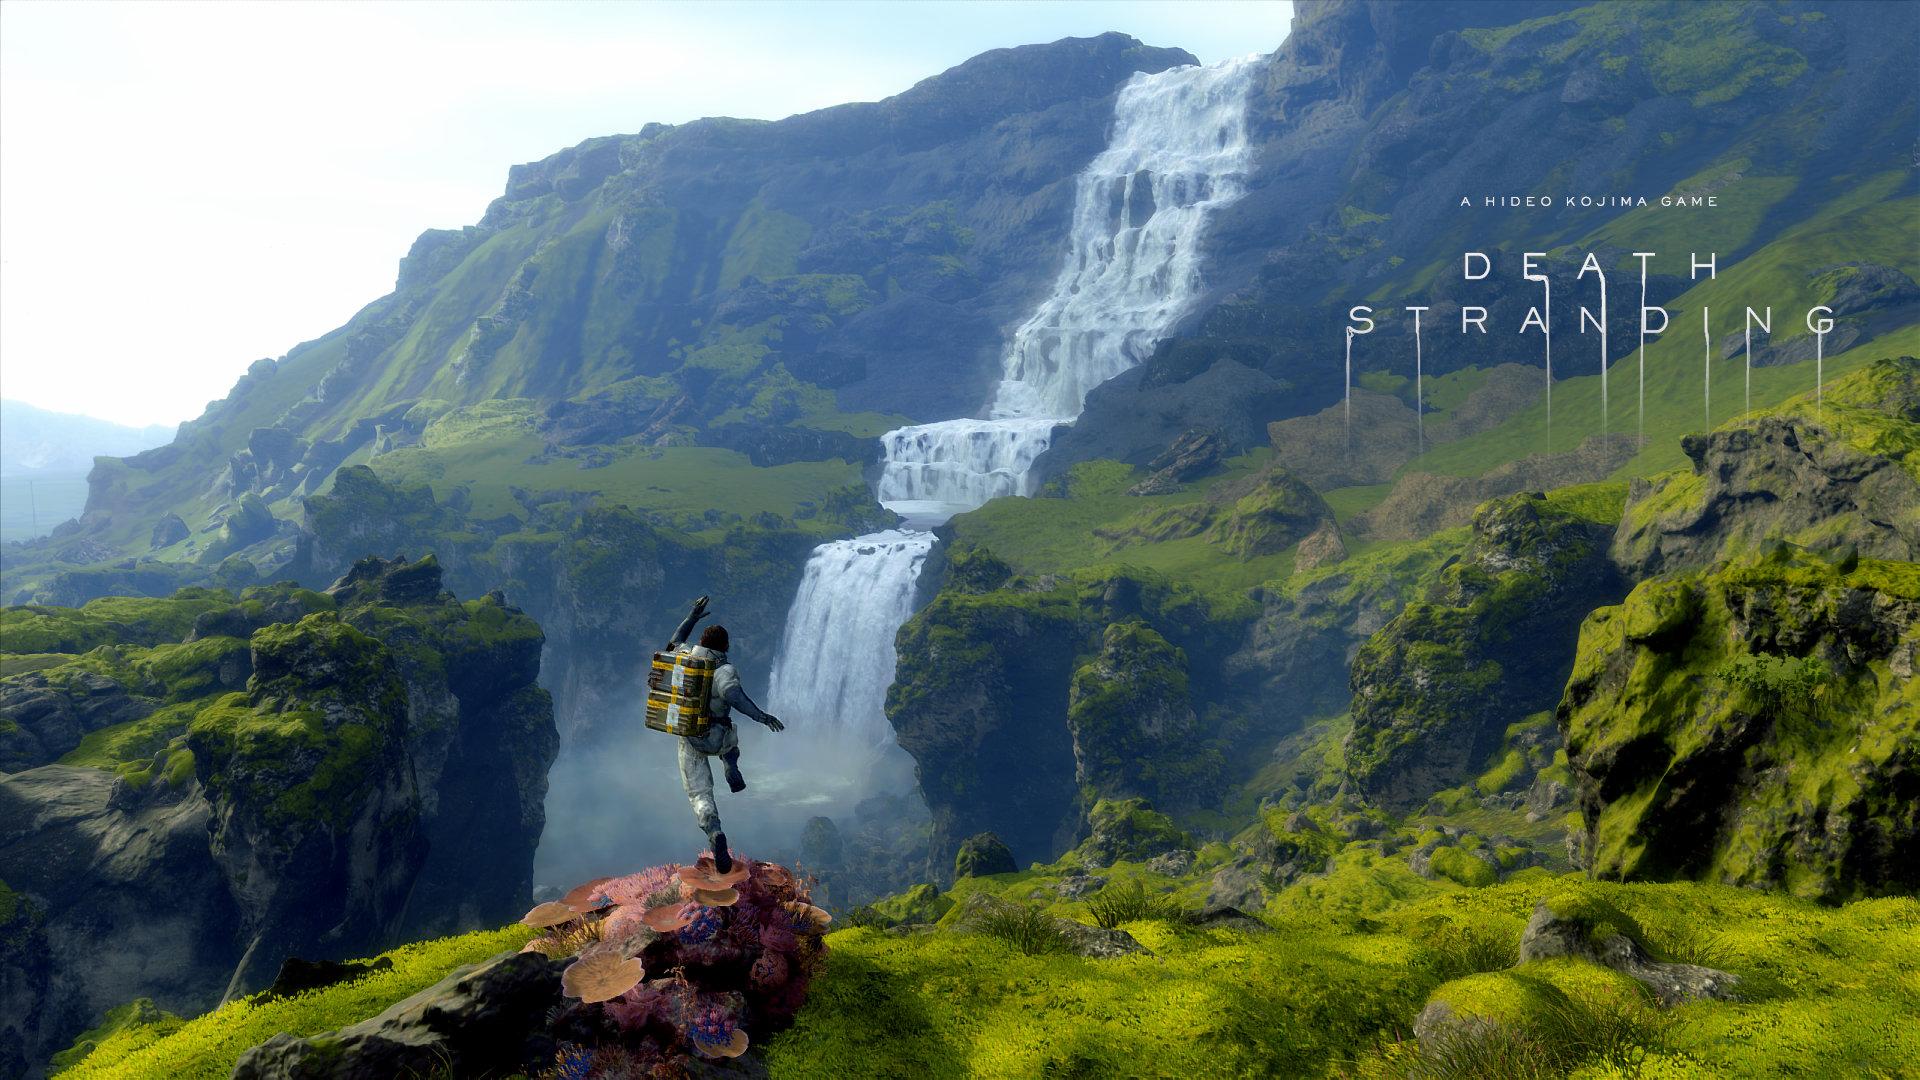 一些来自《死亡搁浅》拍照模式下的玩家作品欣赏。